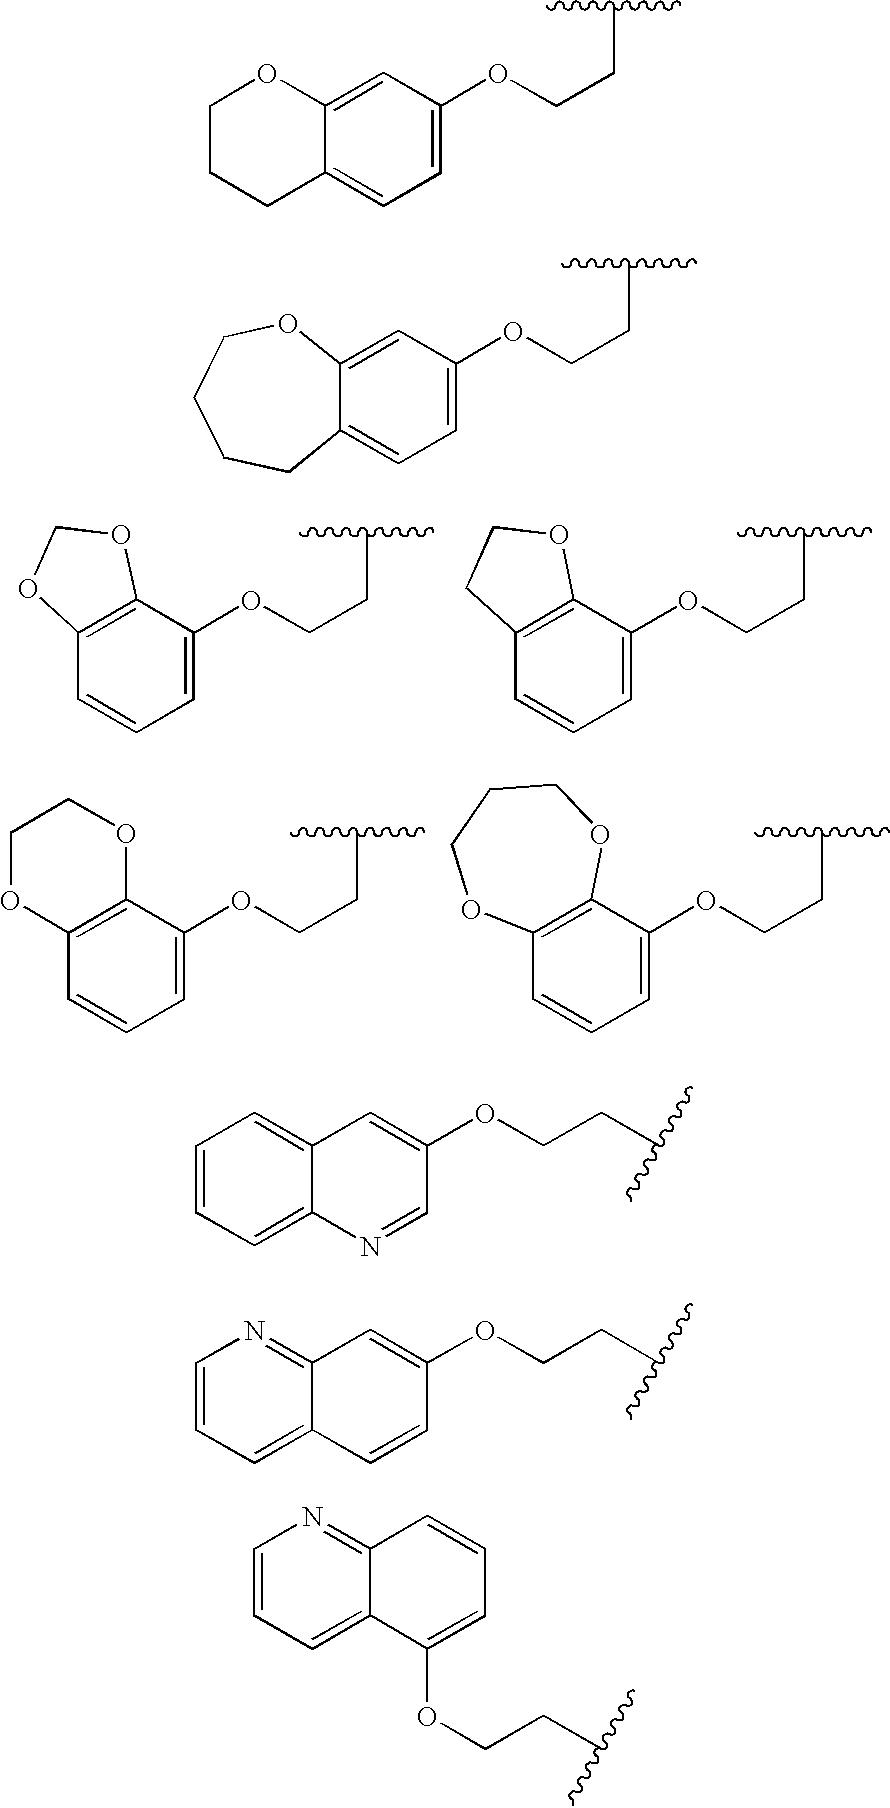 Figure US20100009983A1-20100114-C00257